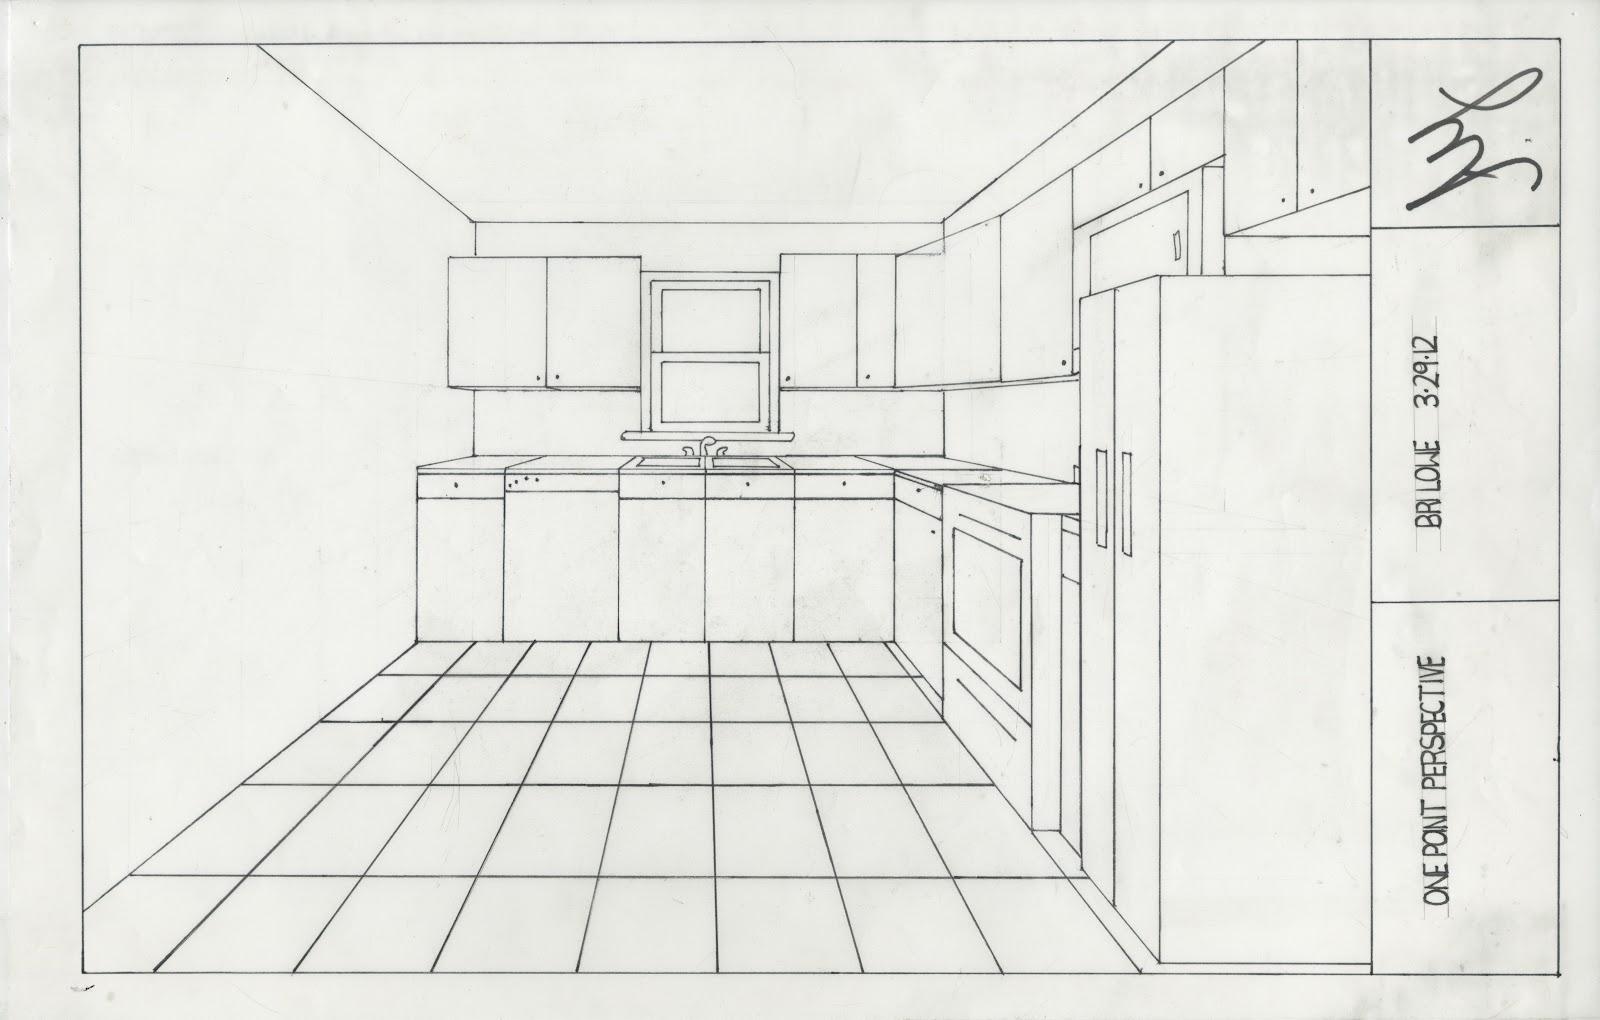 Iarc Iar 112 Kitchen Floor Plan Amp Rendering Perspectives